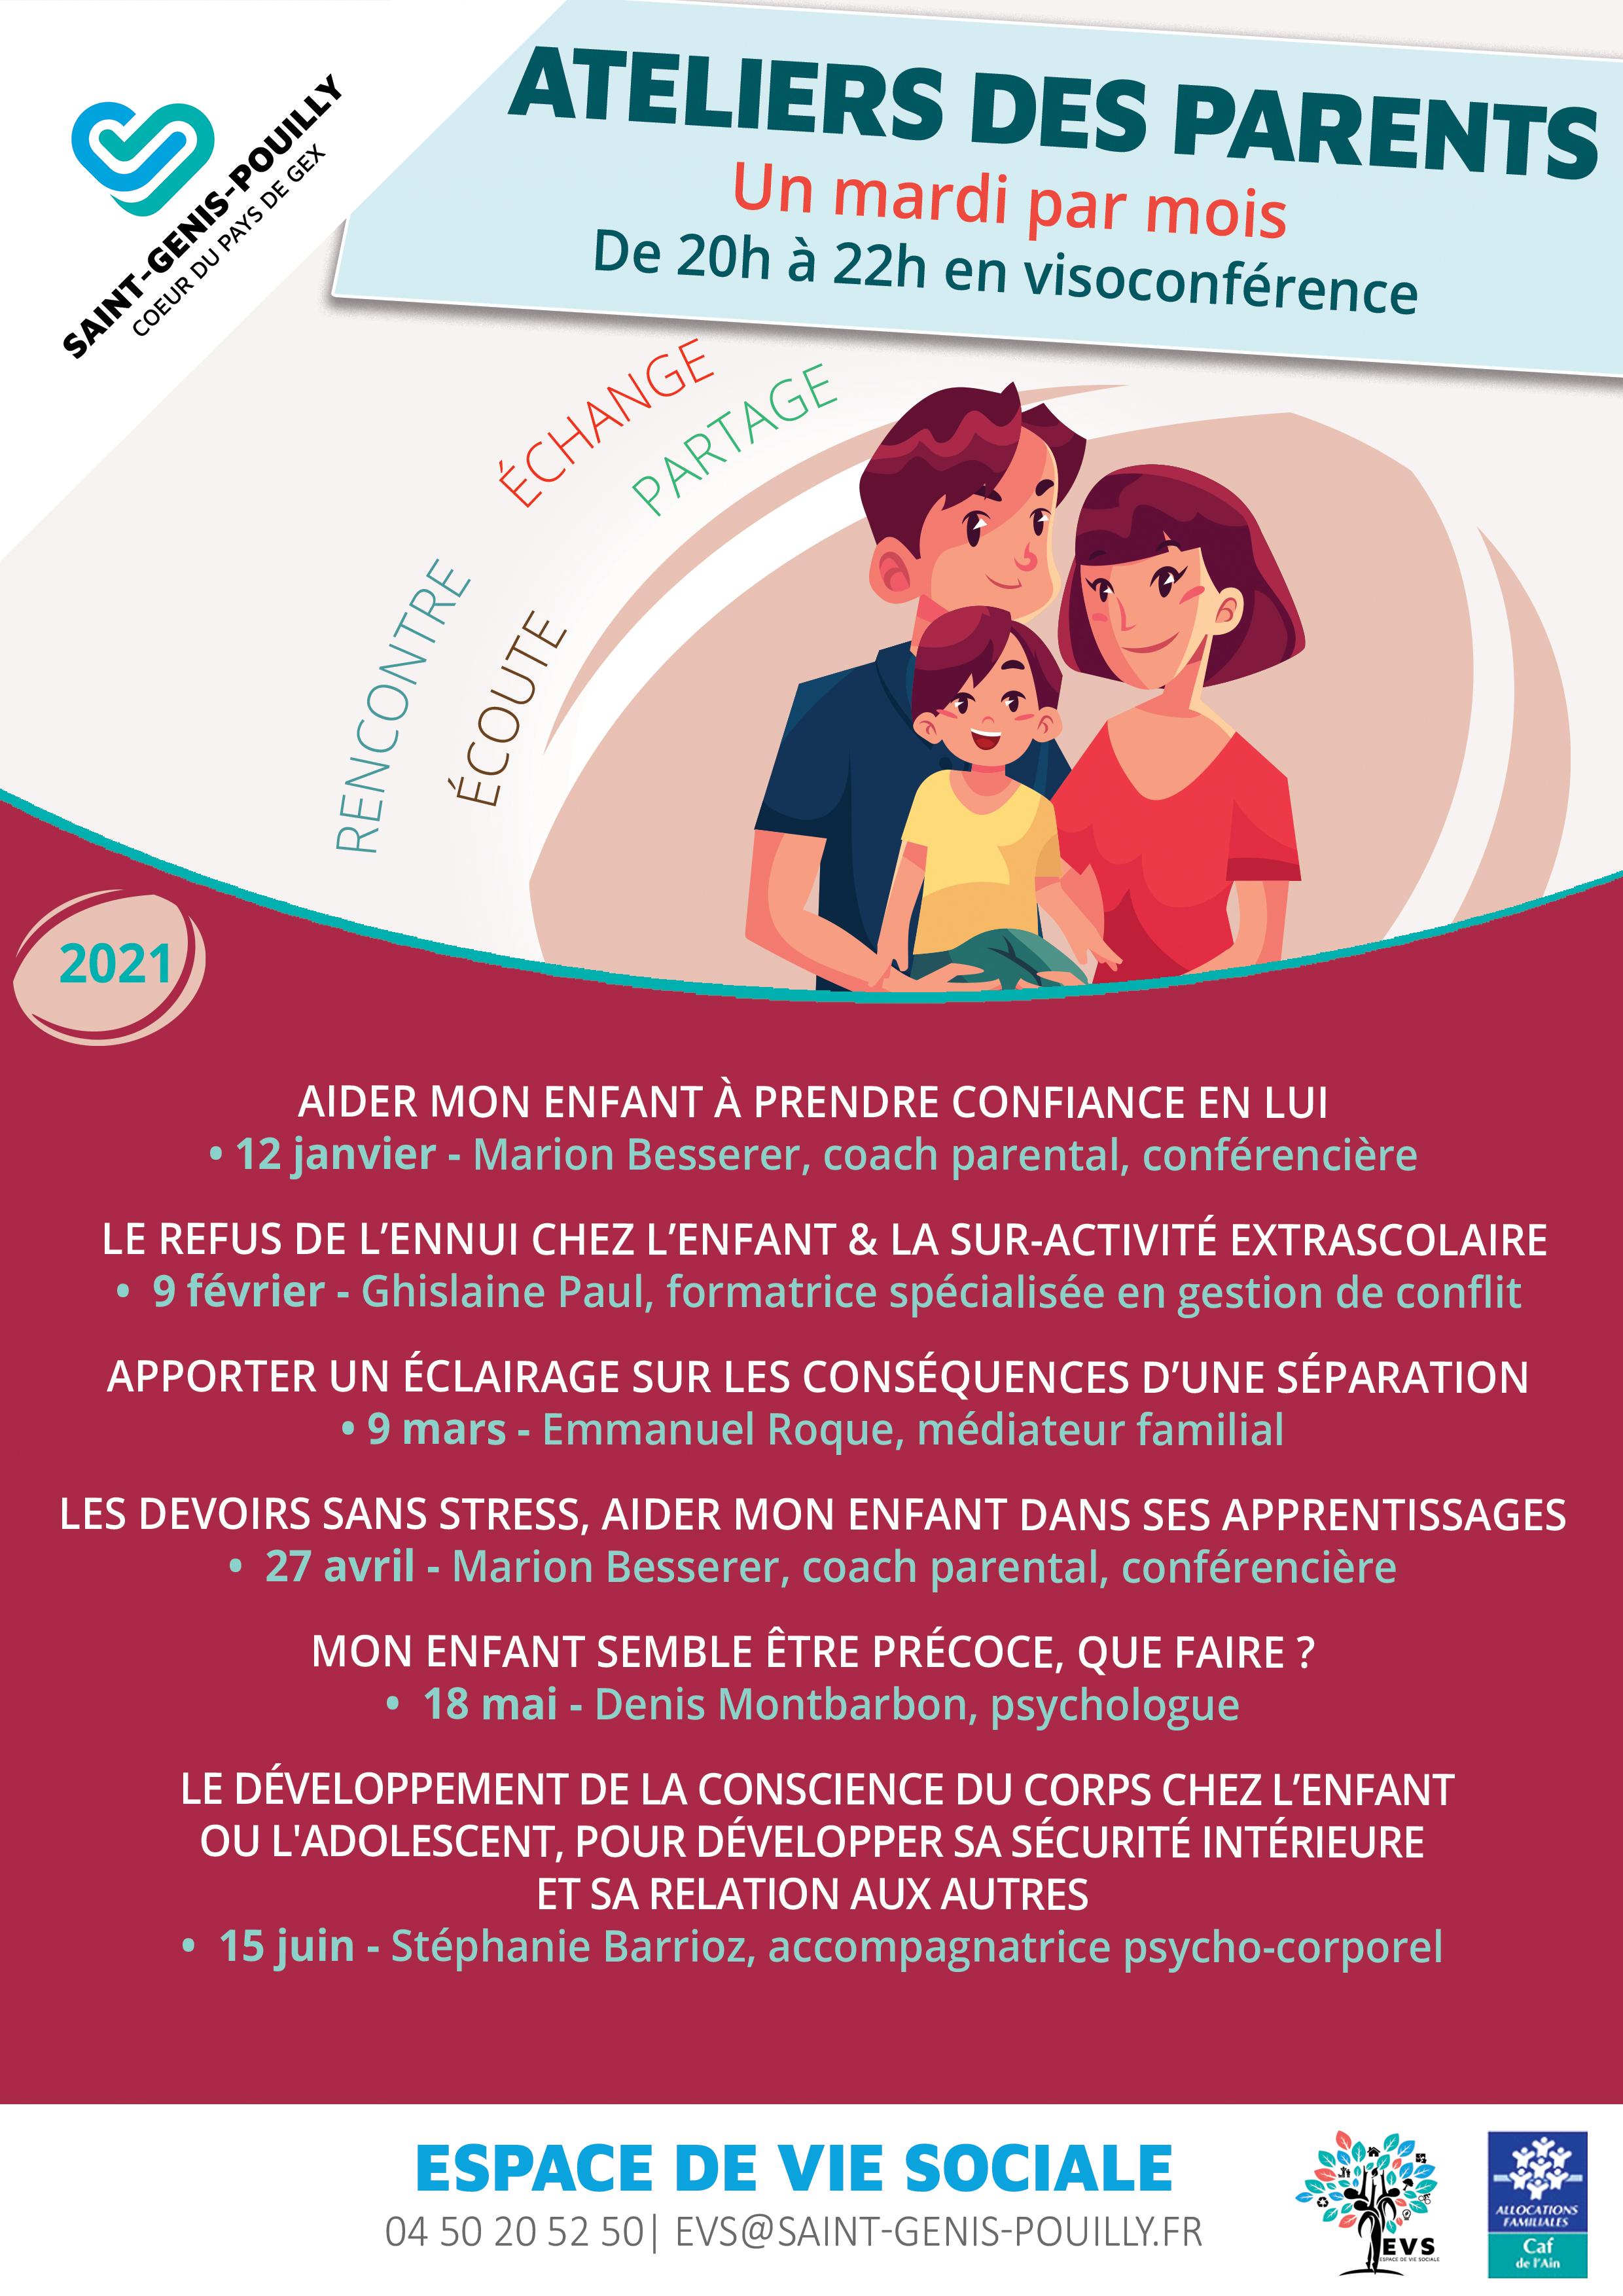 affiche ateliers des parents visio.jpg